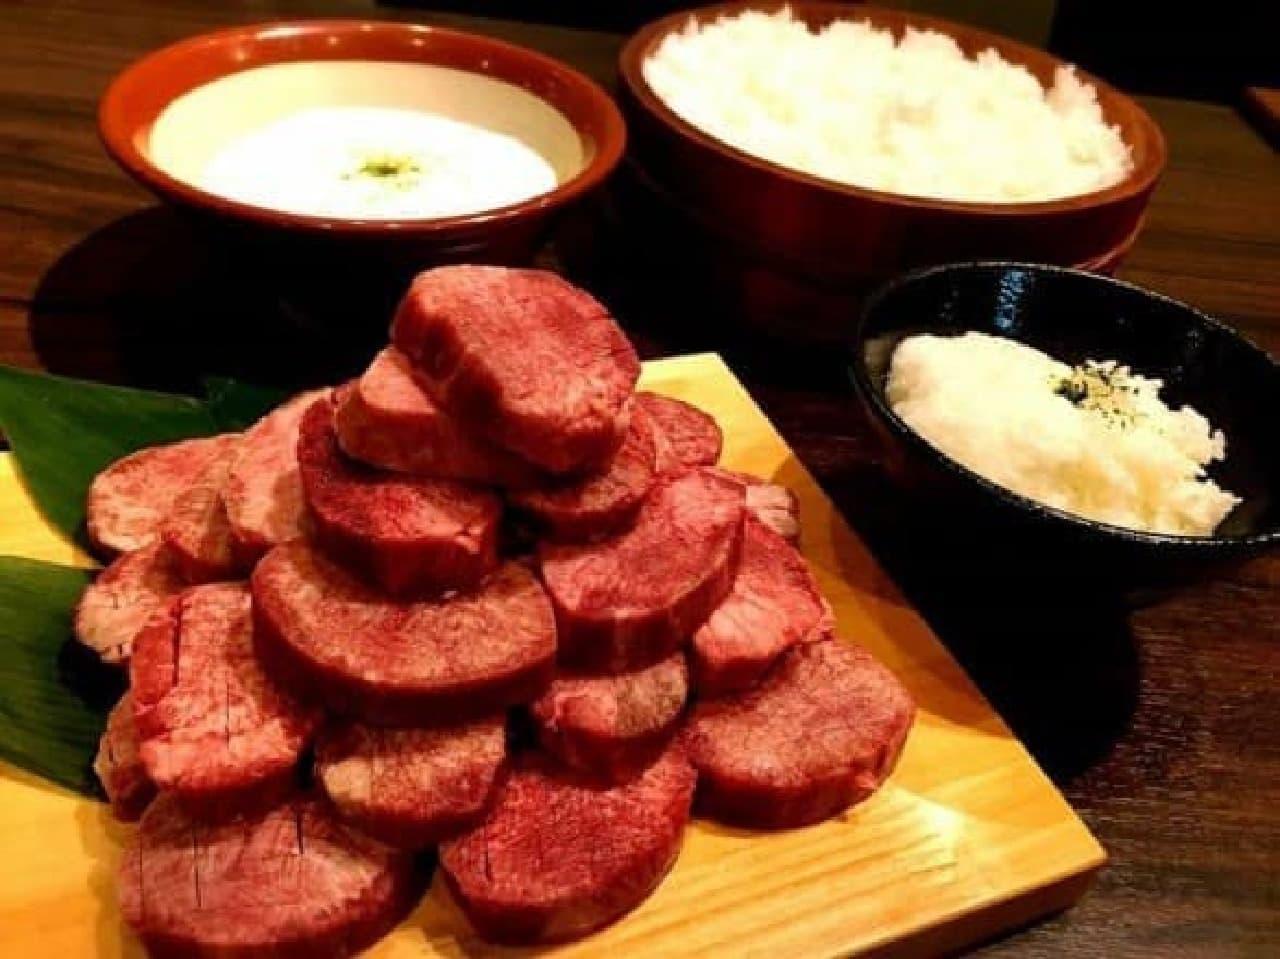 牛角「1日3食焼肉体験ツアー」の朝食で提供される「牛タン+とろろ飯」